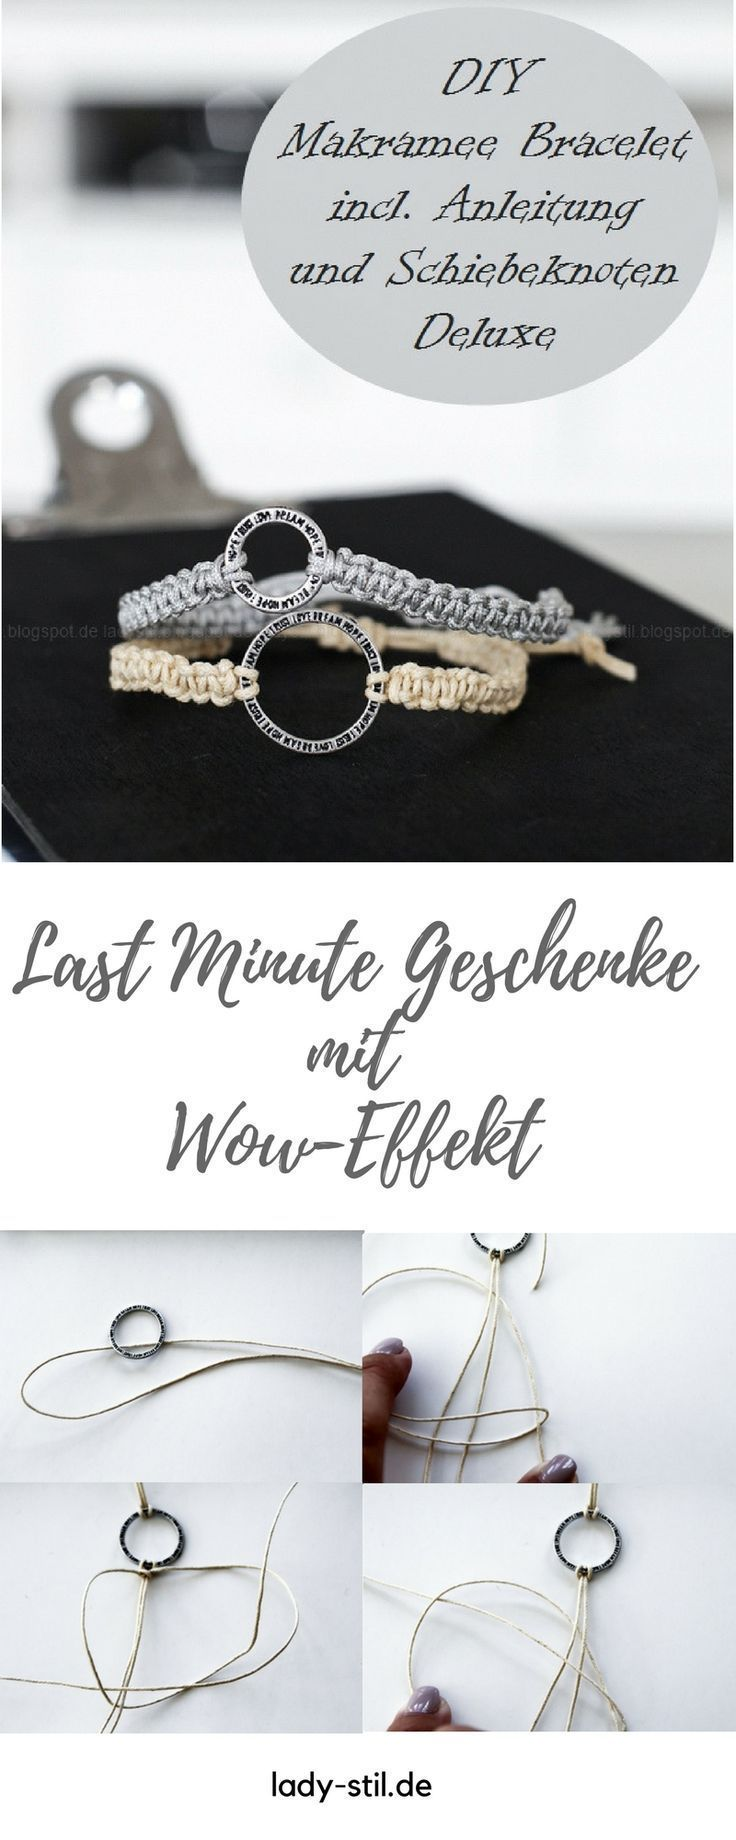 25 + › Weihnachtsgeschenk-Tipp für Männer und Frauen – Armbänder und Schlüsselanhänger aus Makramee – Armcandy